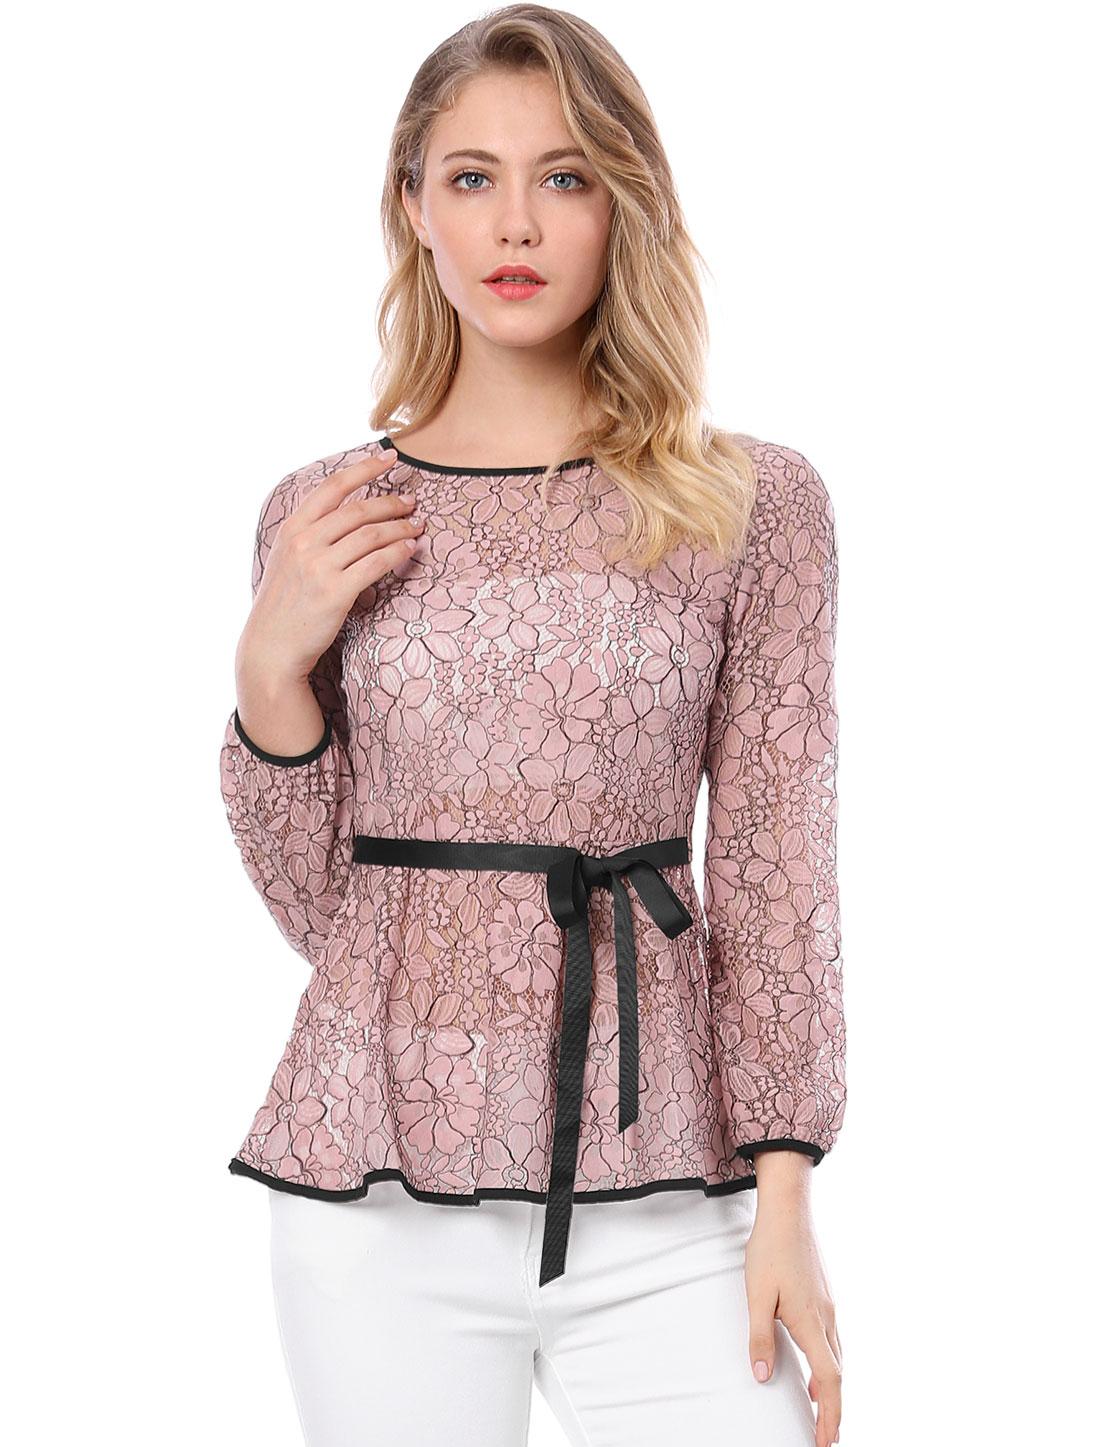 Allegra K Women's Self-Tie Waist Semi Sheer Lace Peplum Top Pink XL